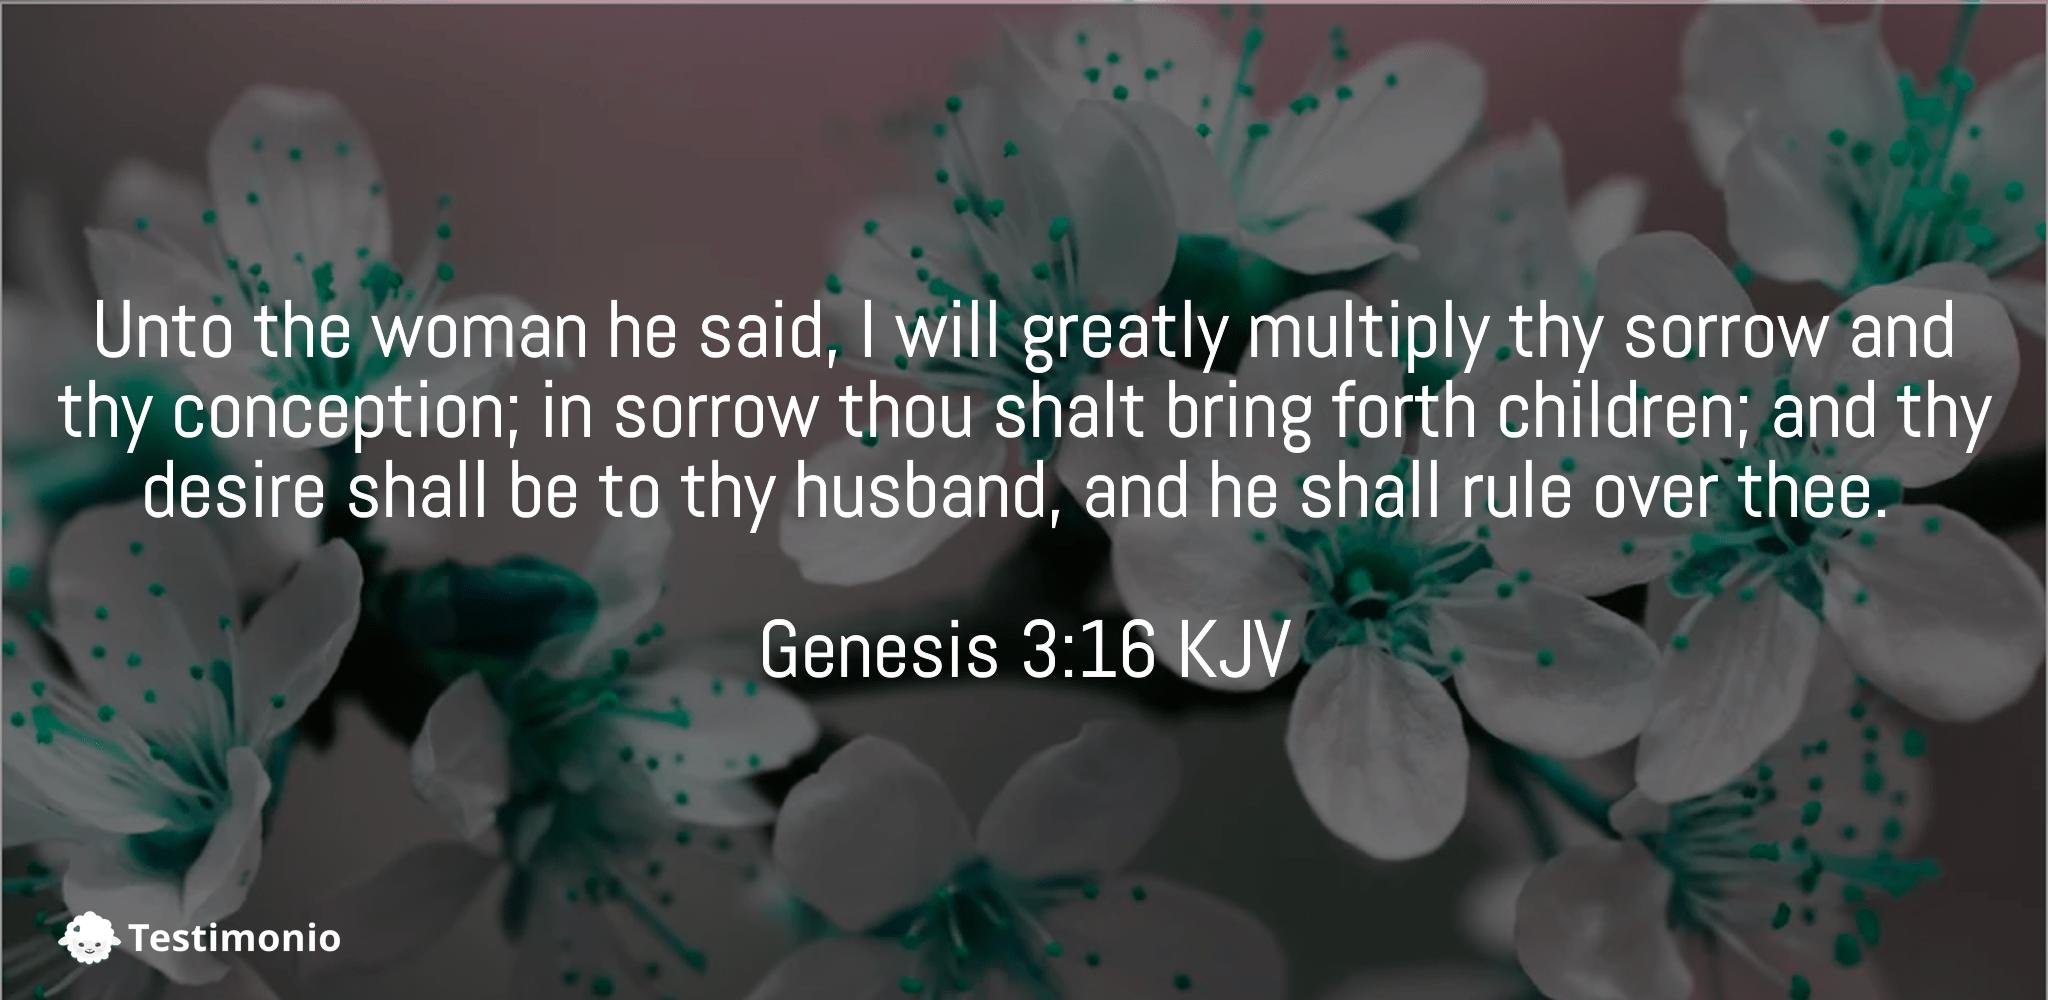 Genesis 3:16